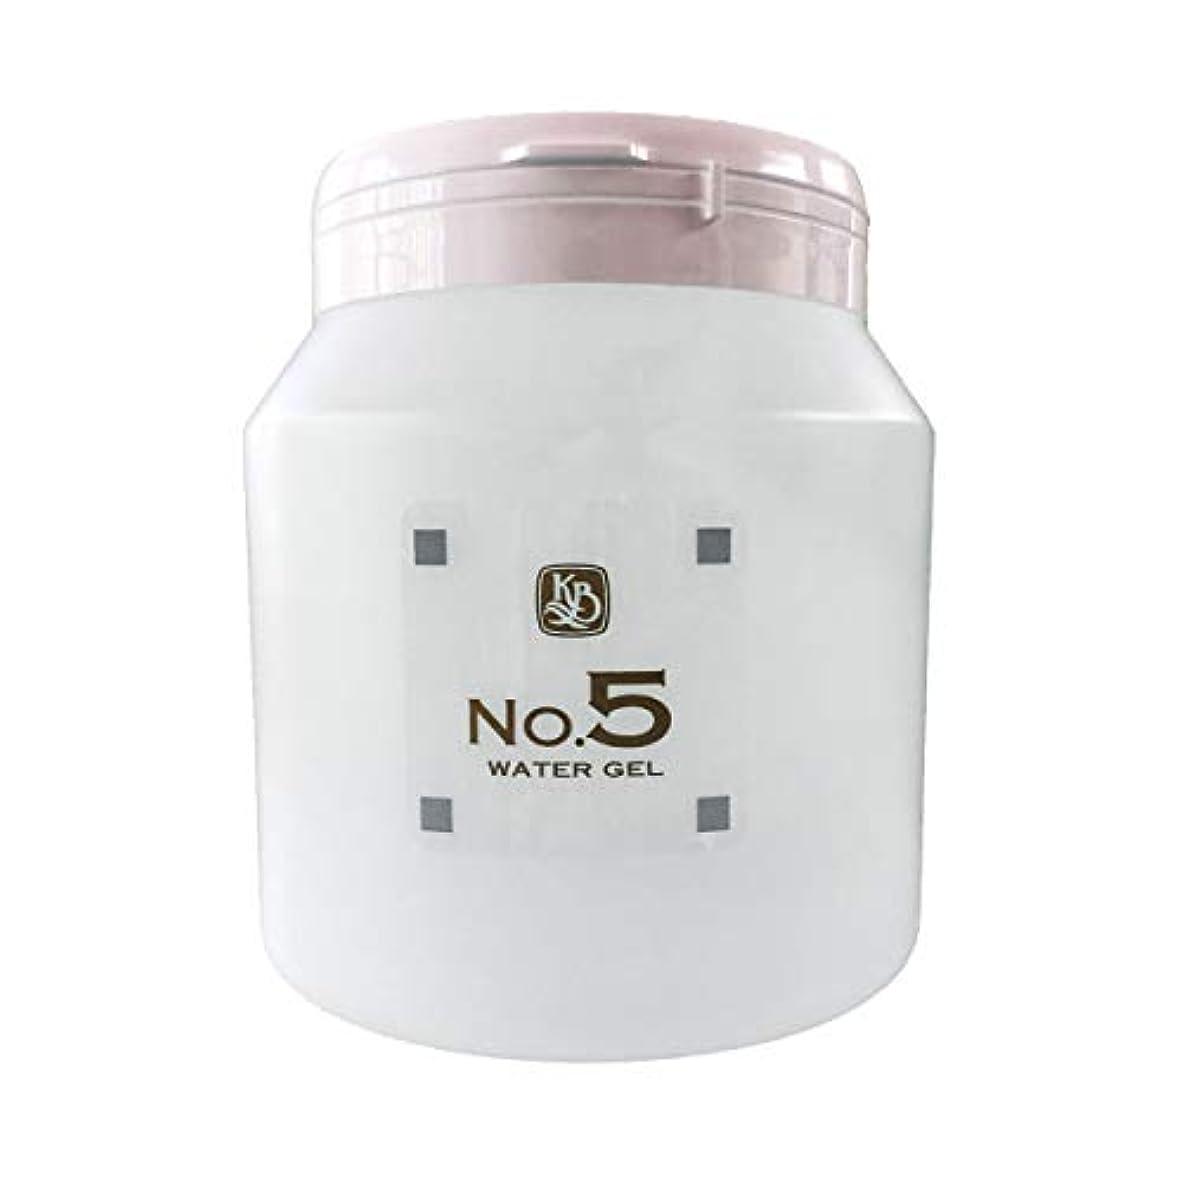 カーフピーブまた顔を洗う水 ウォーターグルNO5 1000g